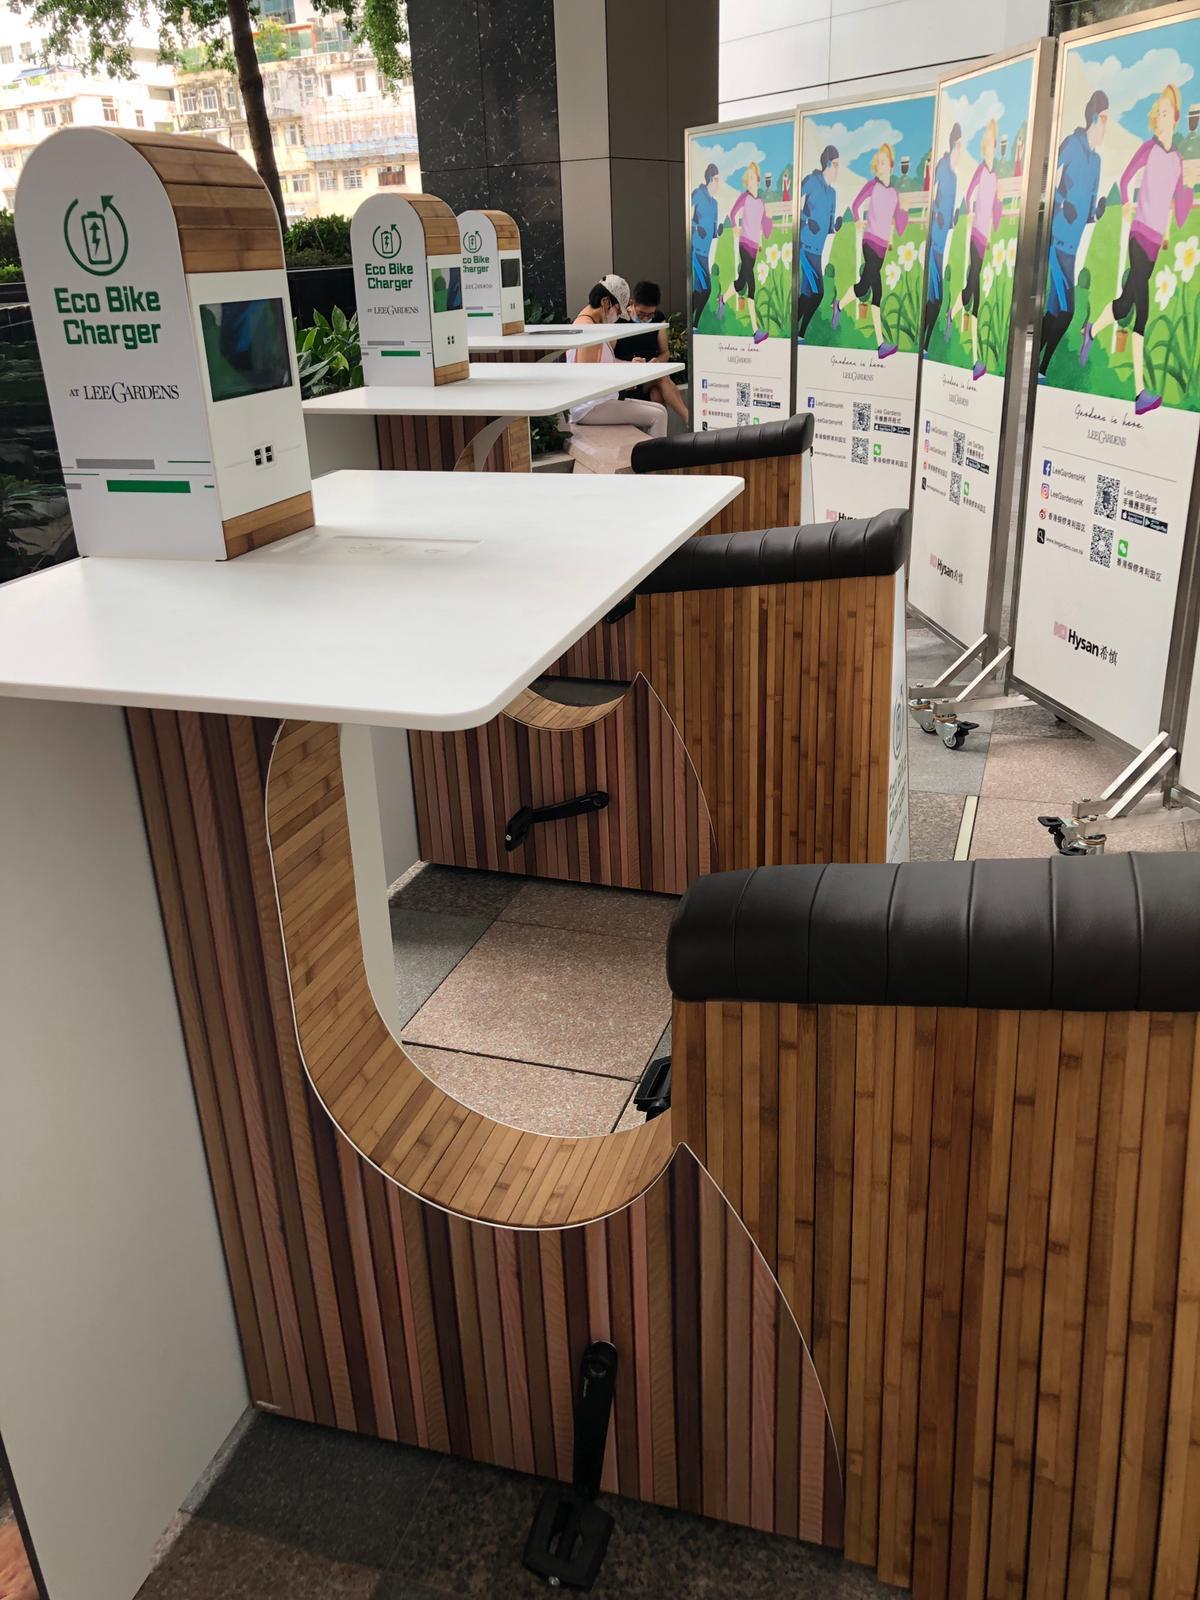 Eco Renewable Energy | WeWatt Bikes Hysan Shopping Mall